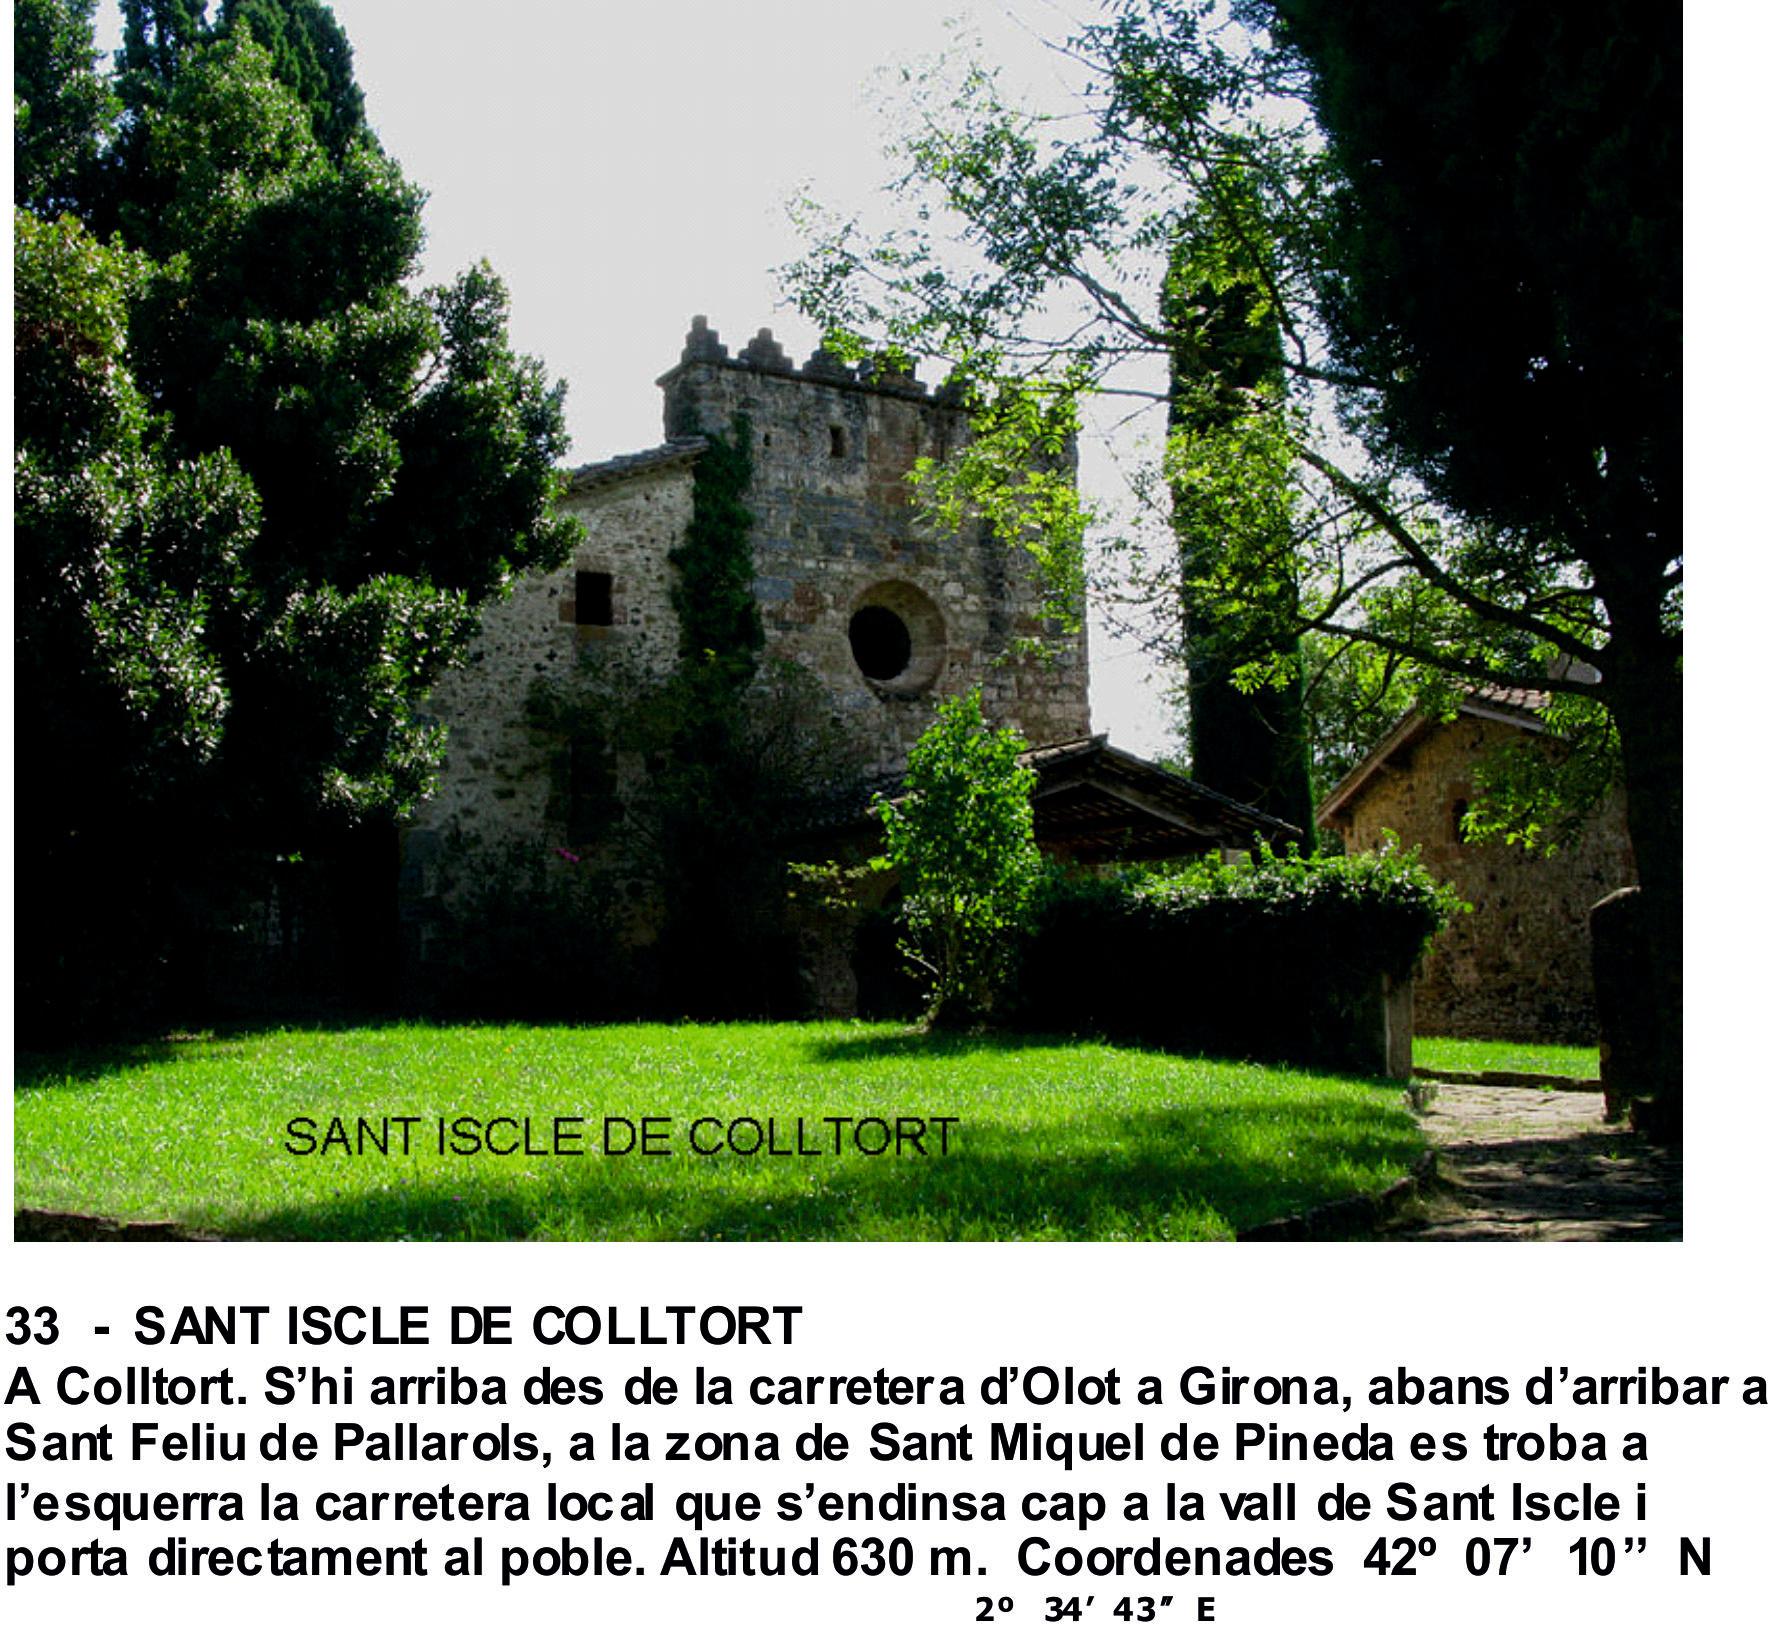 33  -  SANT ISCLE DE COLLTORT